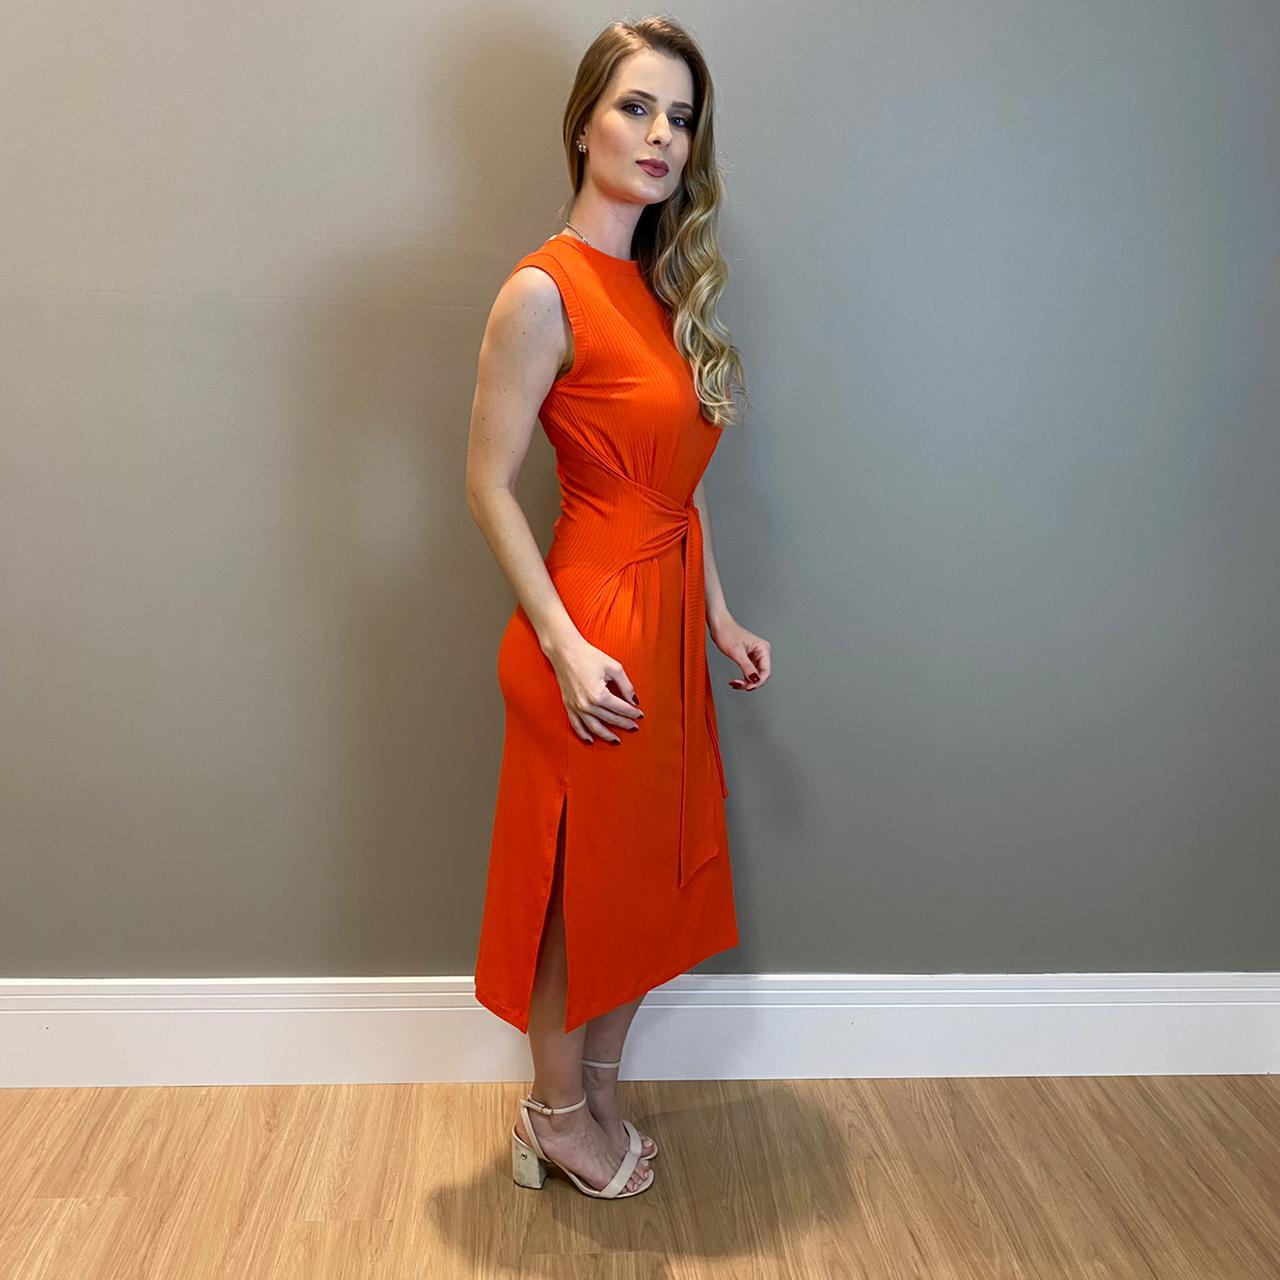 Vestido canelado c/ faixa Laranja -